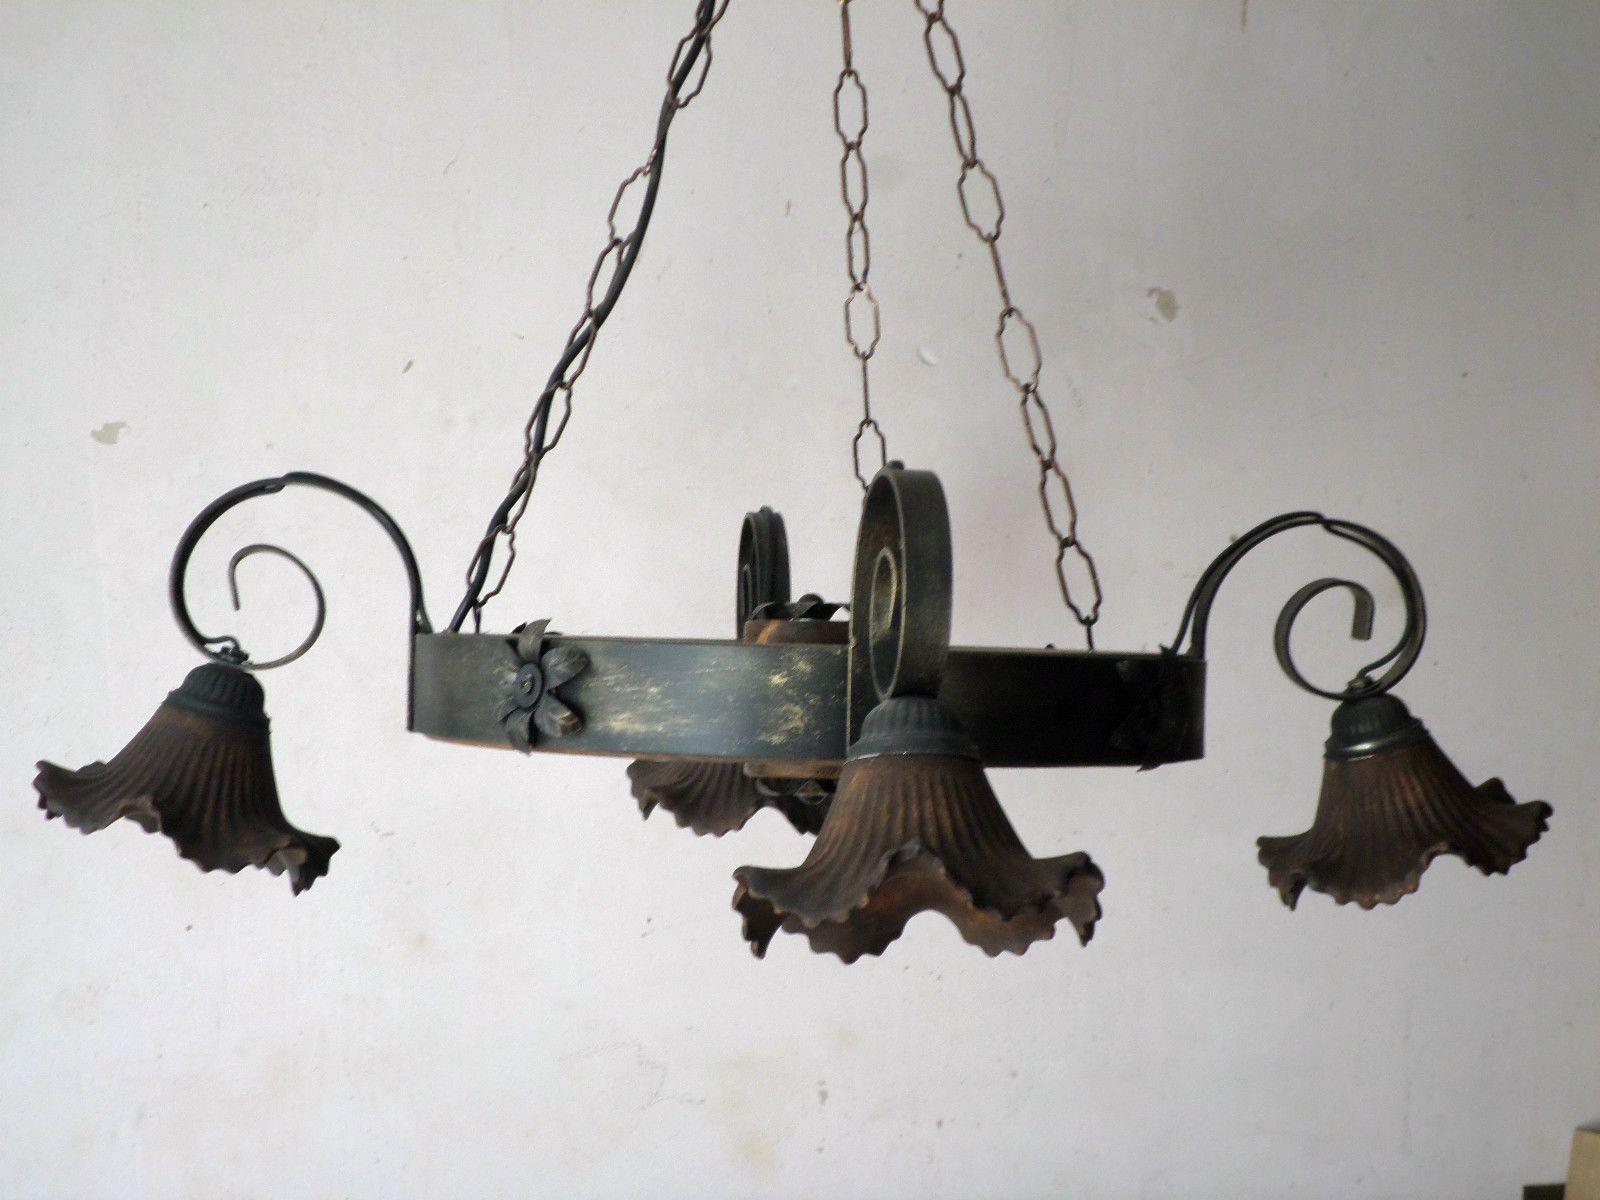 Lampadario Stile Rustico : Lampadario rustico ruota di carro in ferro battuto e legno cucina